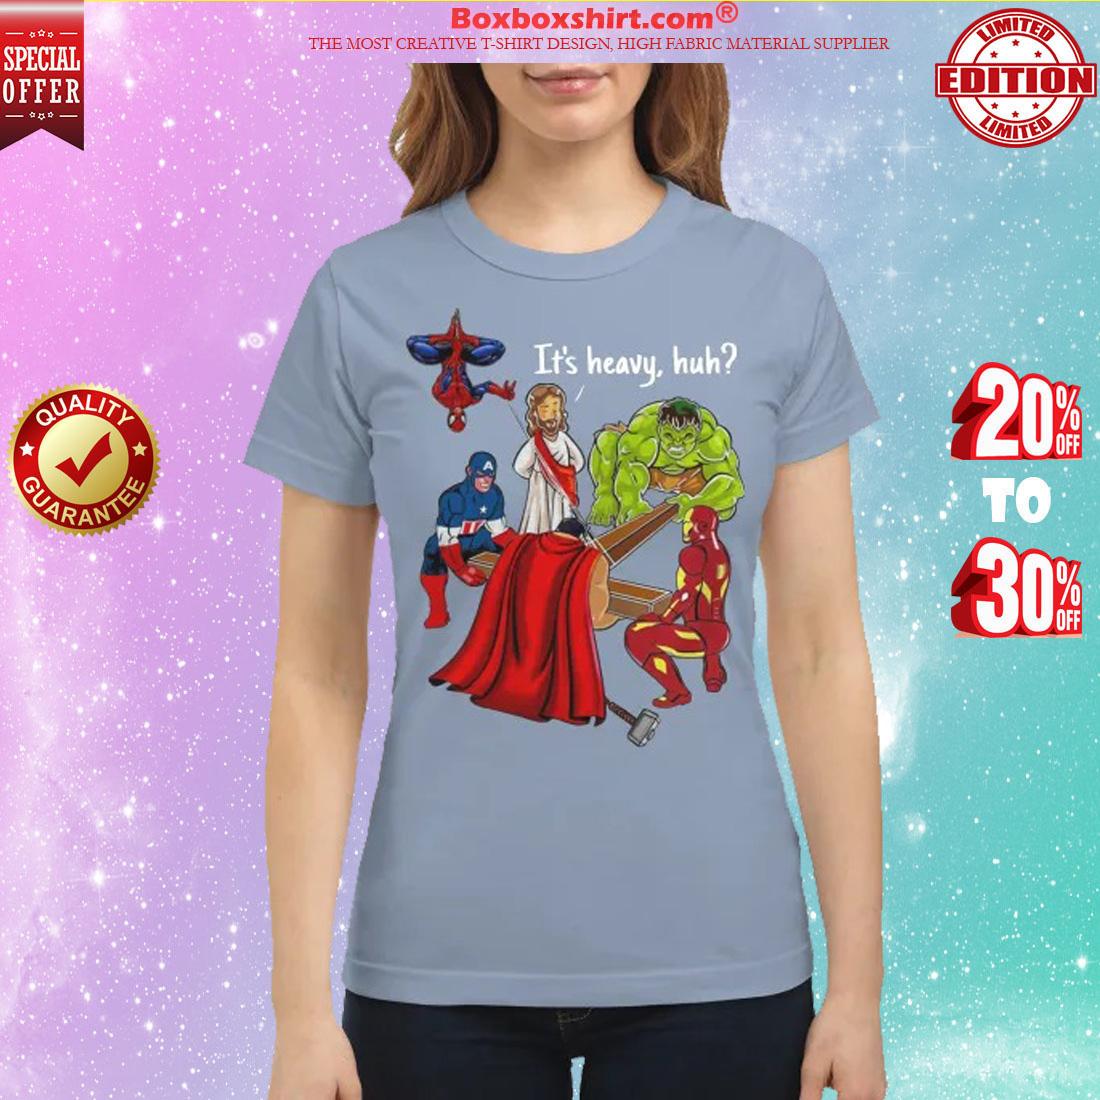 Avengers It's heavy huh classic shirt